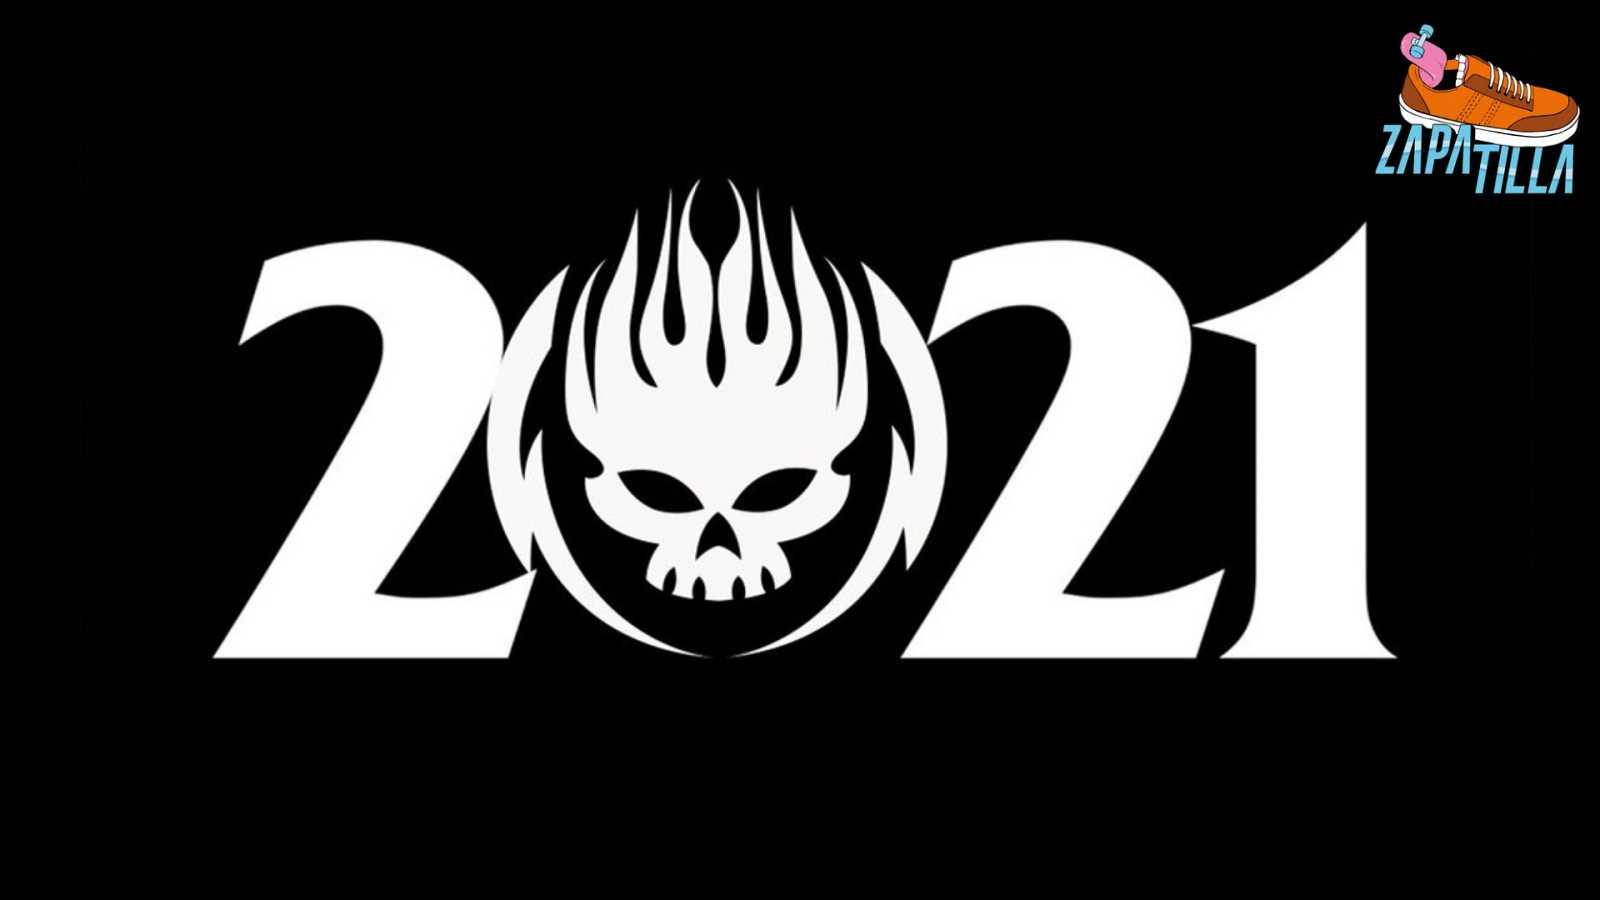 Zapatilla - The Offspring 2021 - 04/03/21 - ver ahora